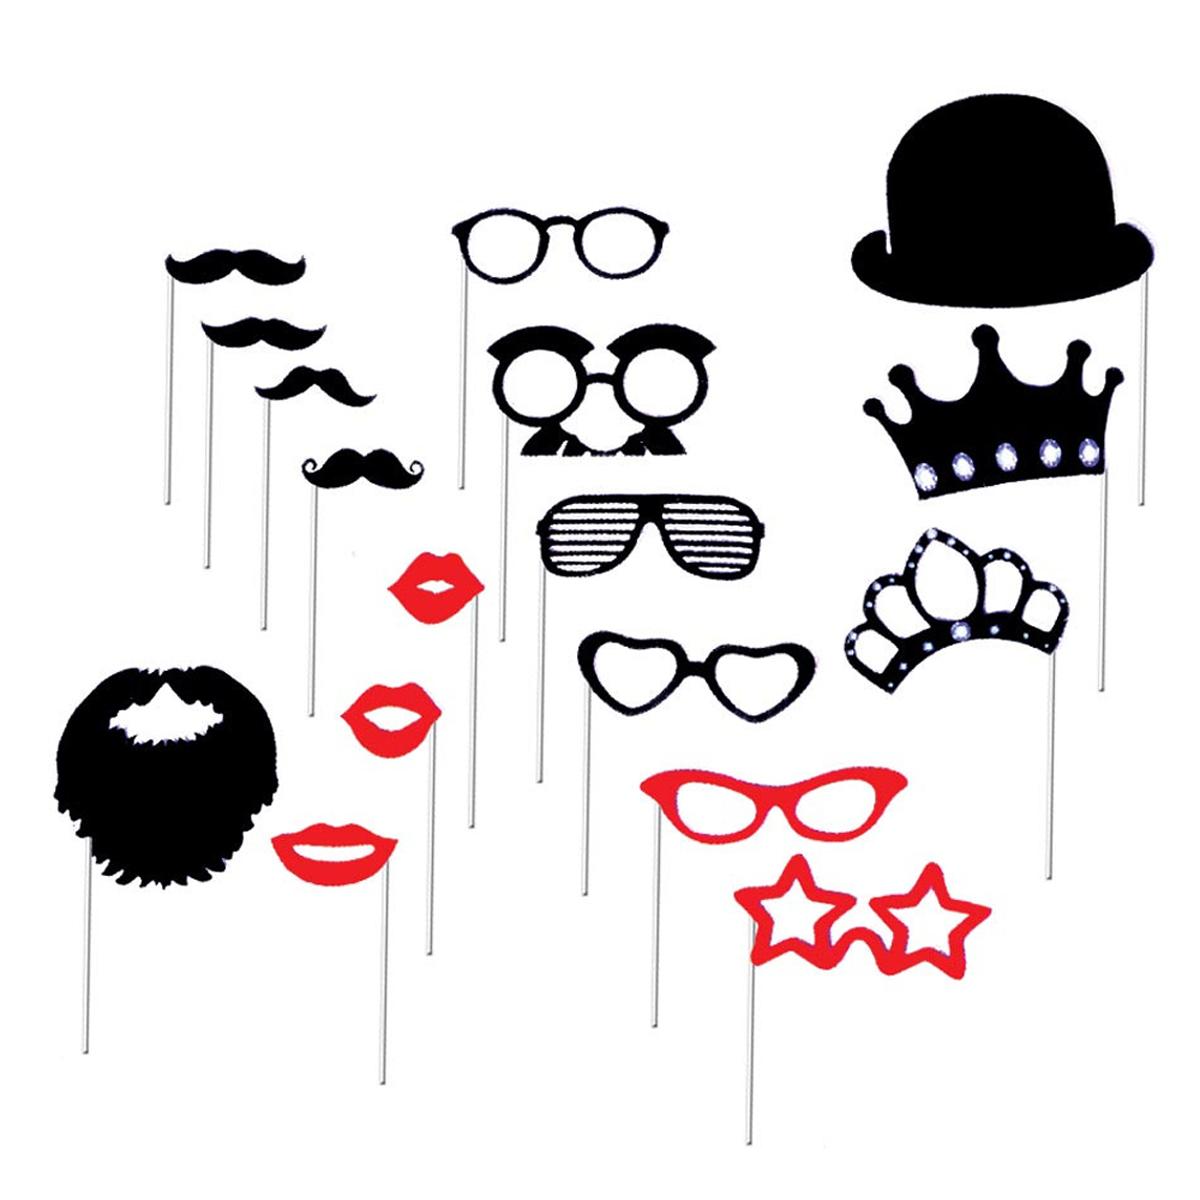 Accessoires photobooth \'Lunettes moustaches\'  rouge noir - 17 pièces) - [L4808]